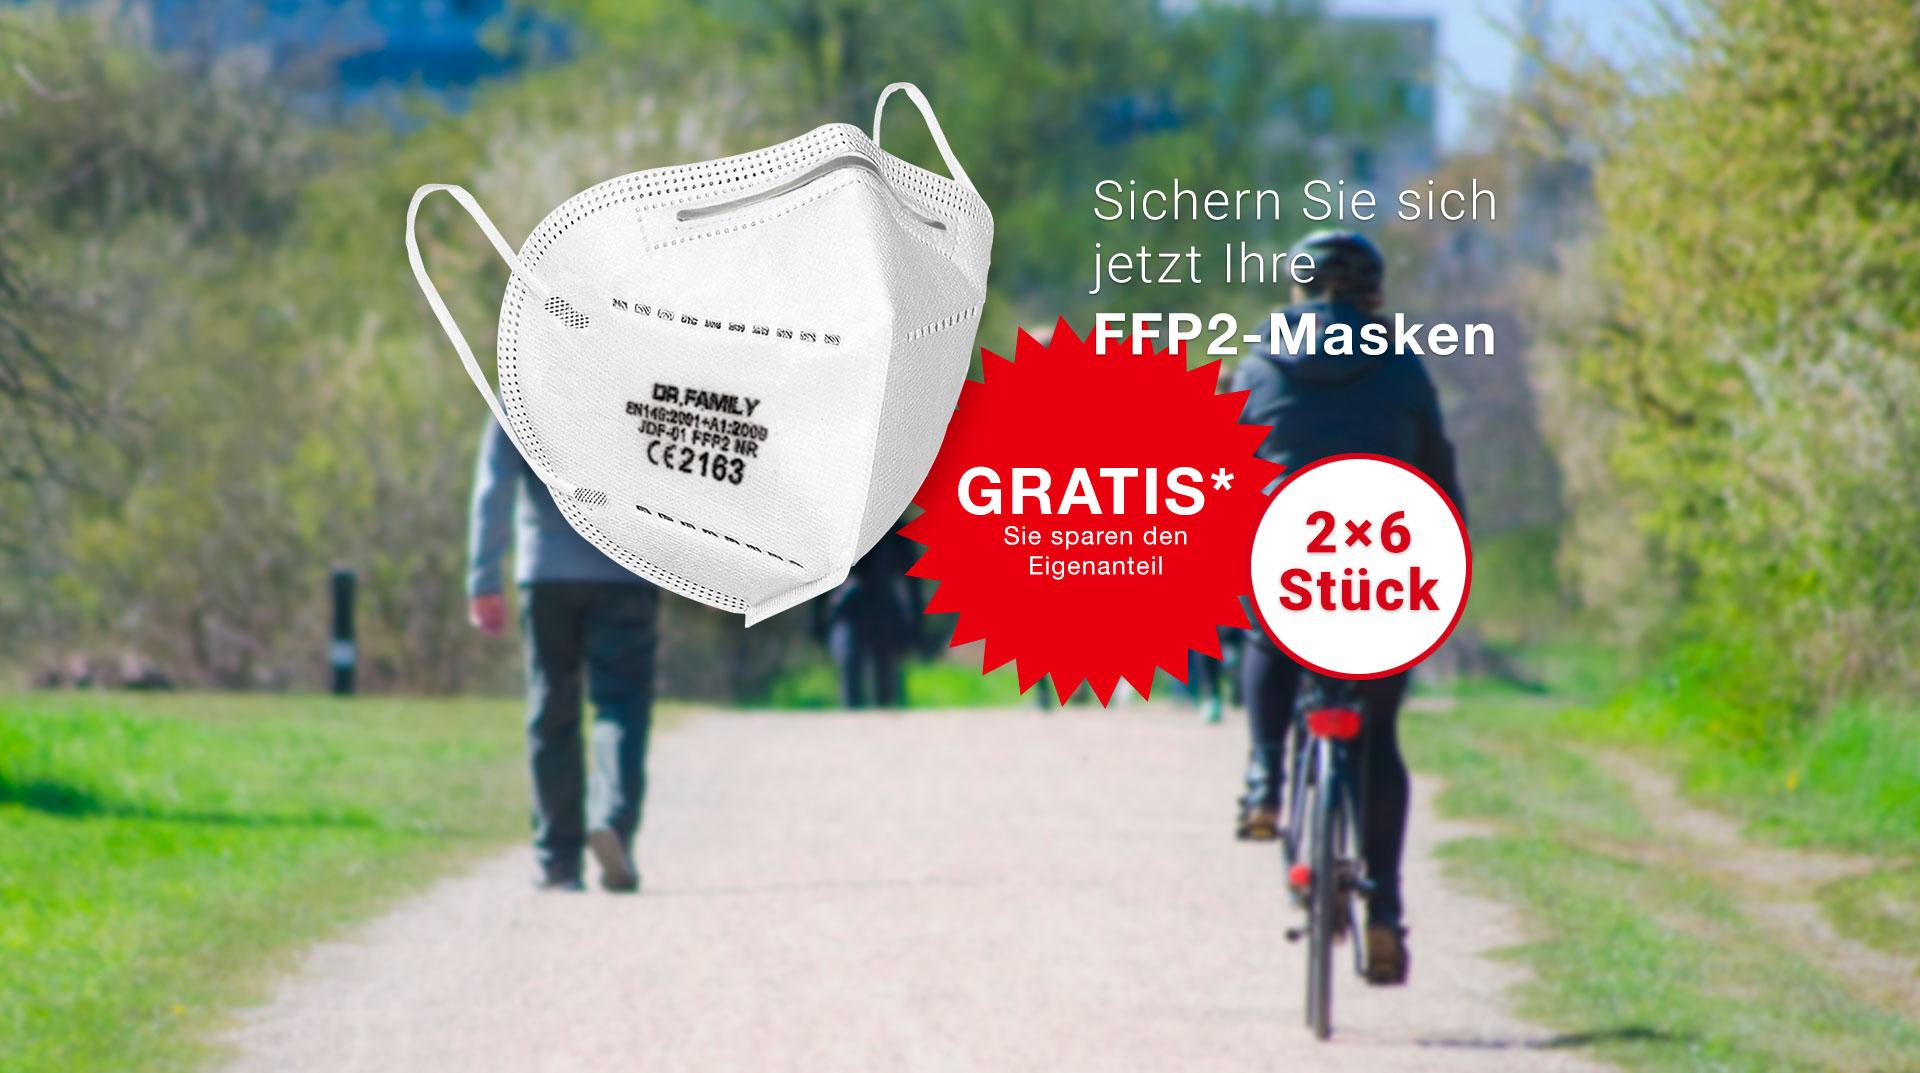 FFP2-Masken-Bestellung